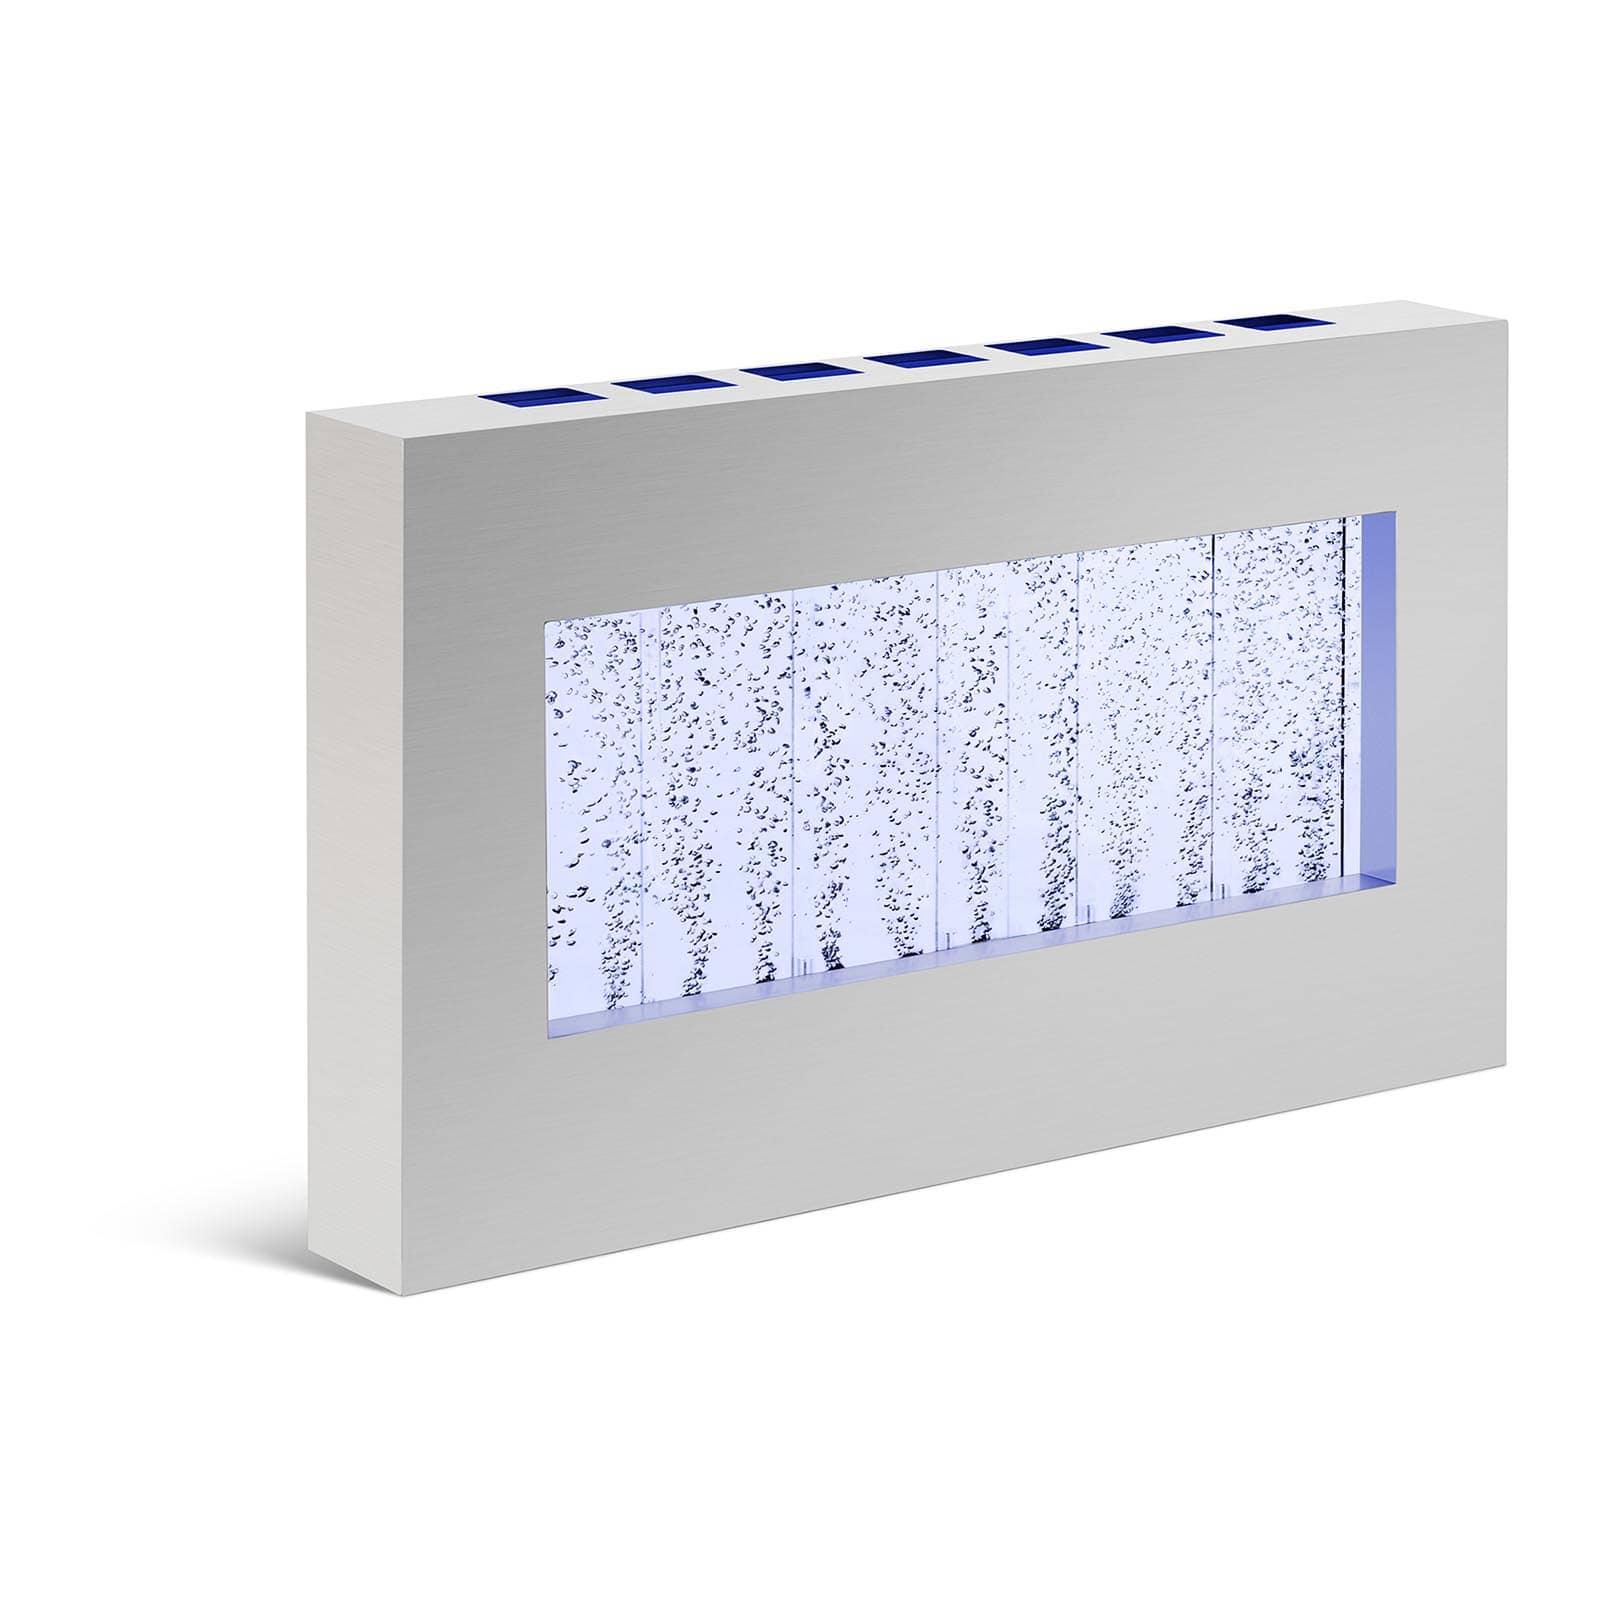 Muro d'acqua